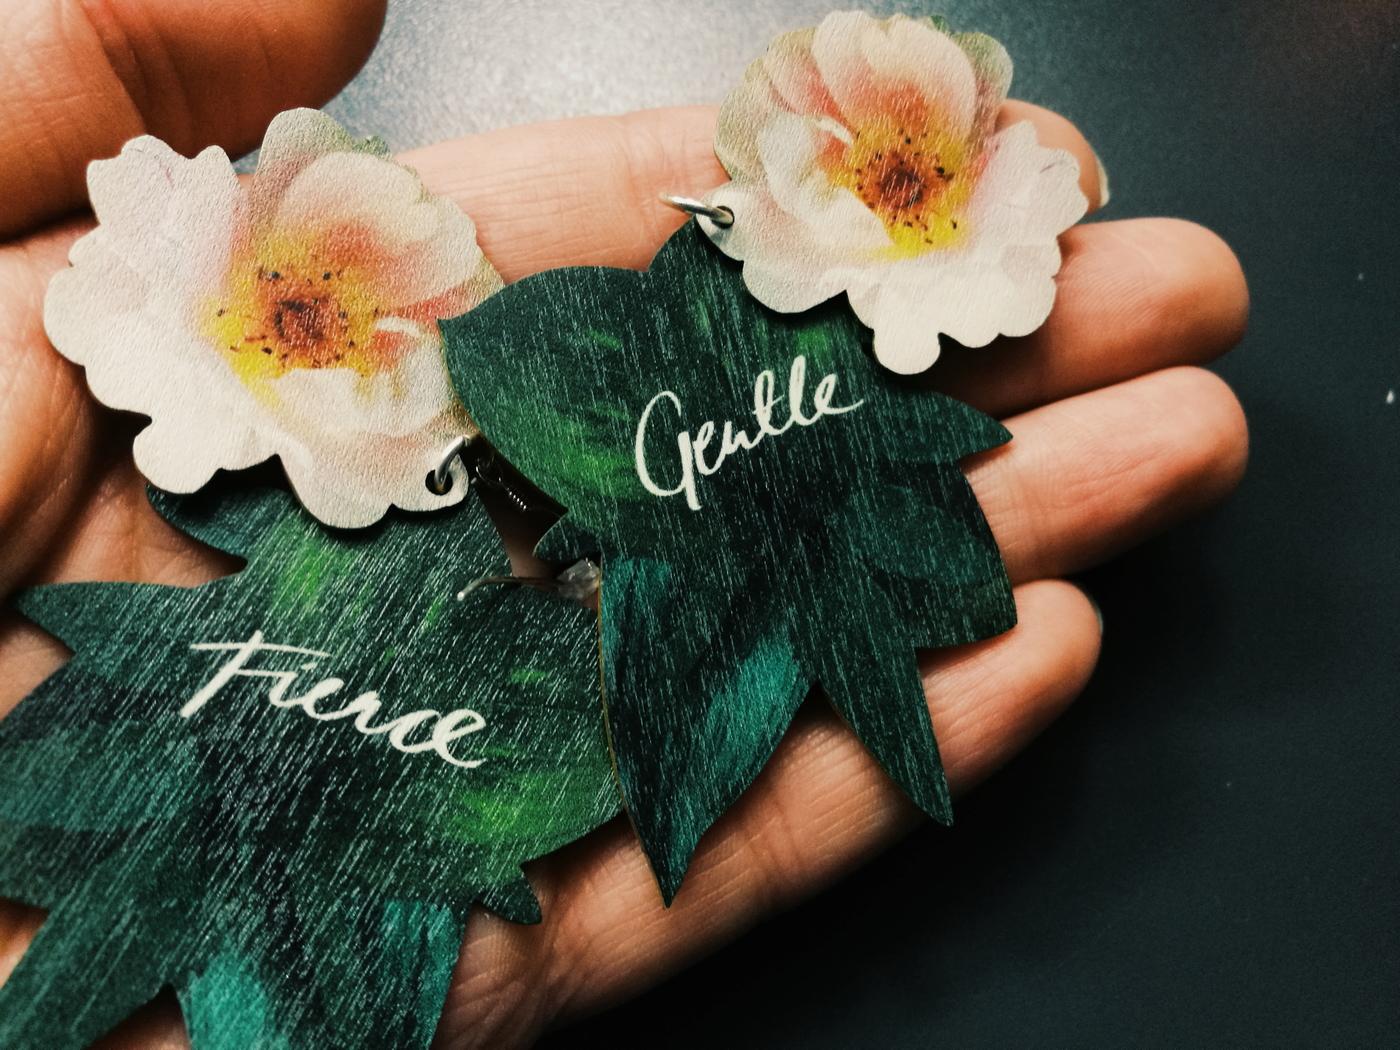 Gentle x Fierce.jpg